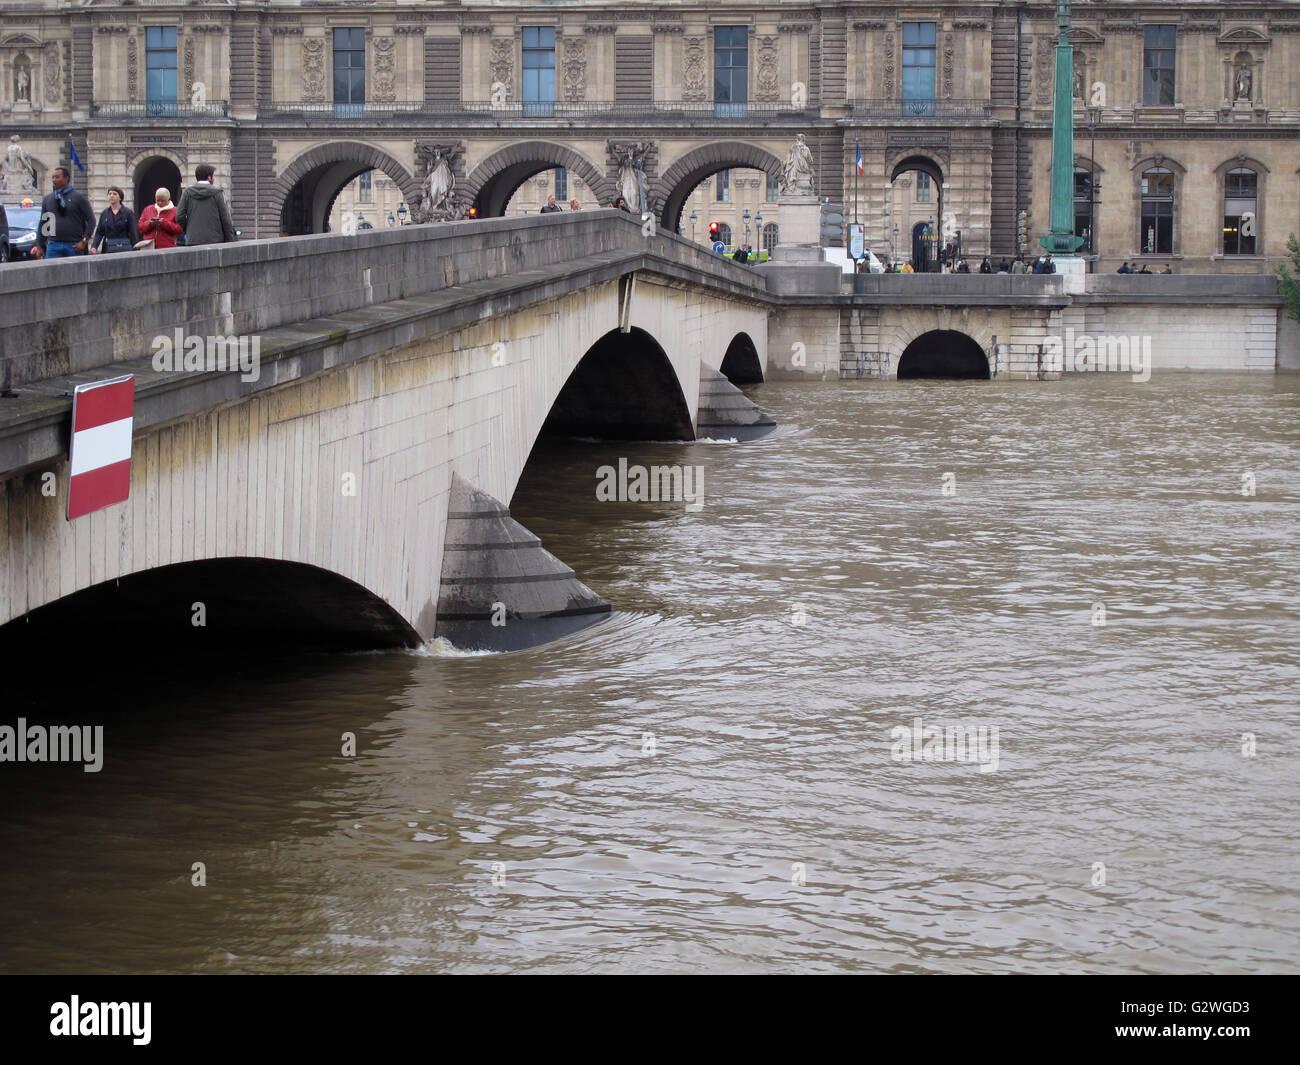 Pont du Carrousel and Louvre museum, flood of the Seine river, June 3, 2016, Paris, France - Stock Image